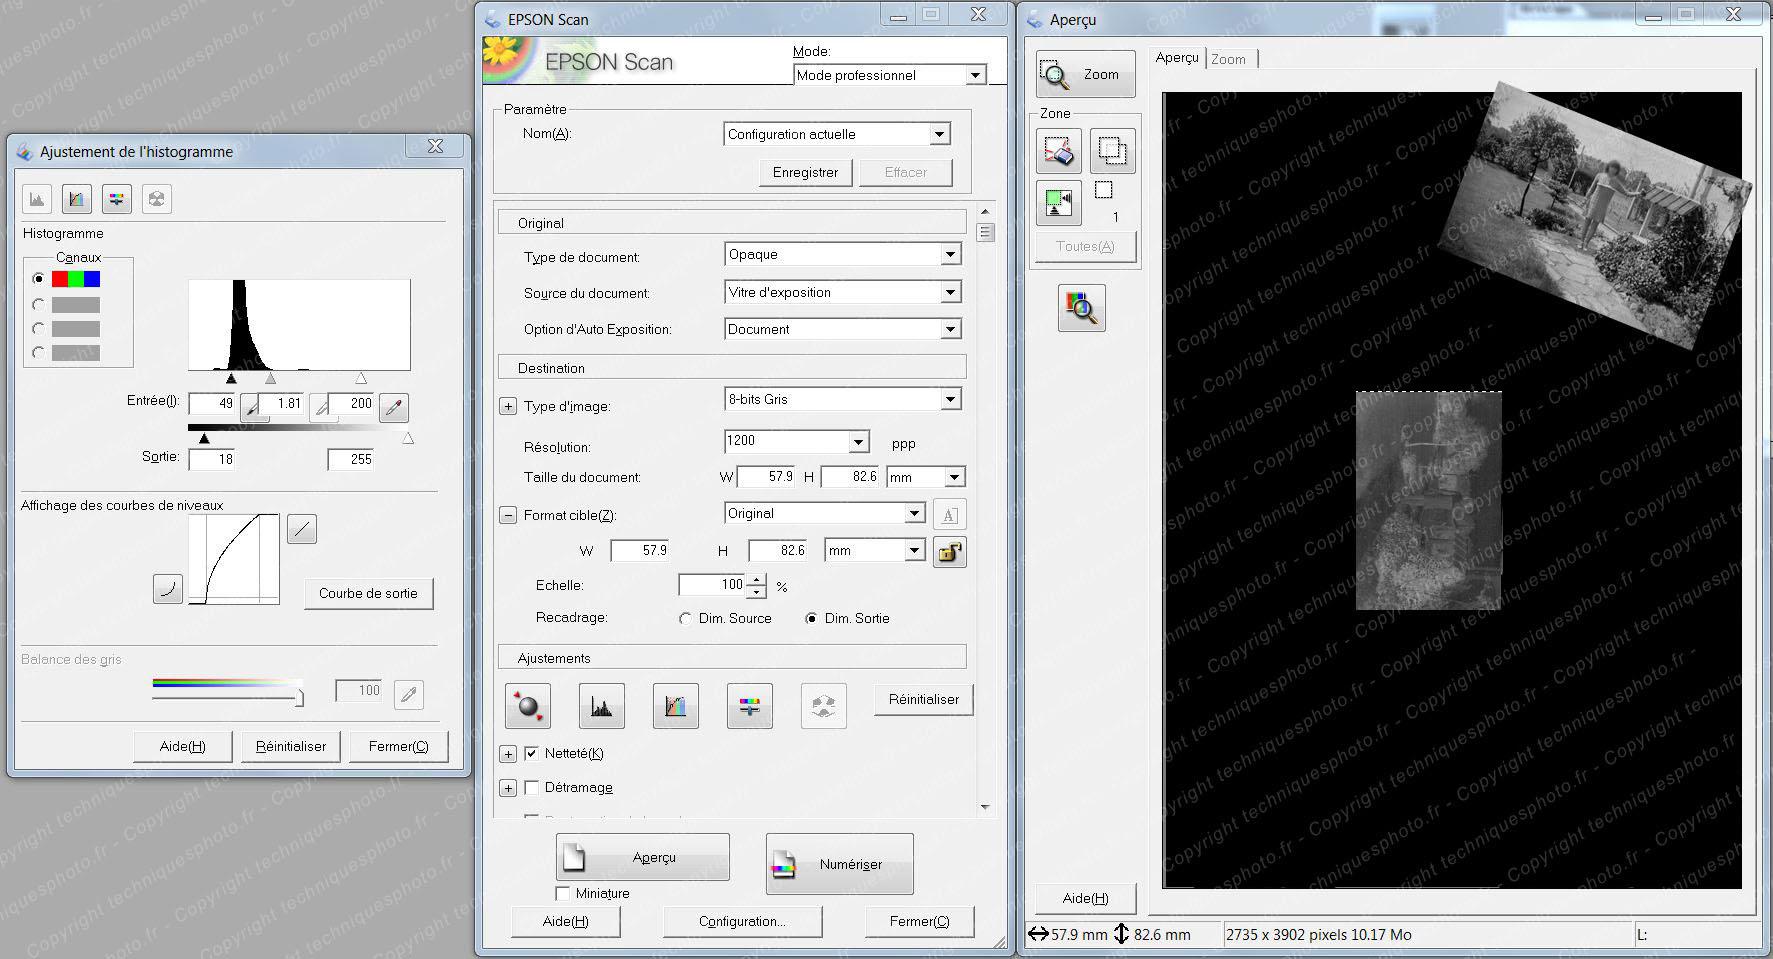 Plan film professionnel 6x9 cm paramétrage scanner